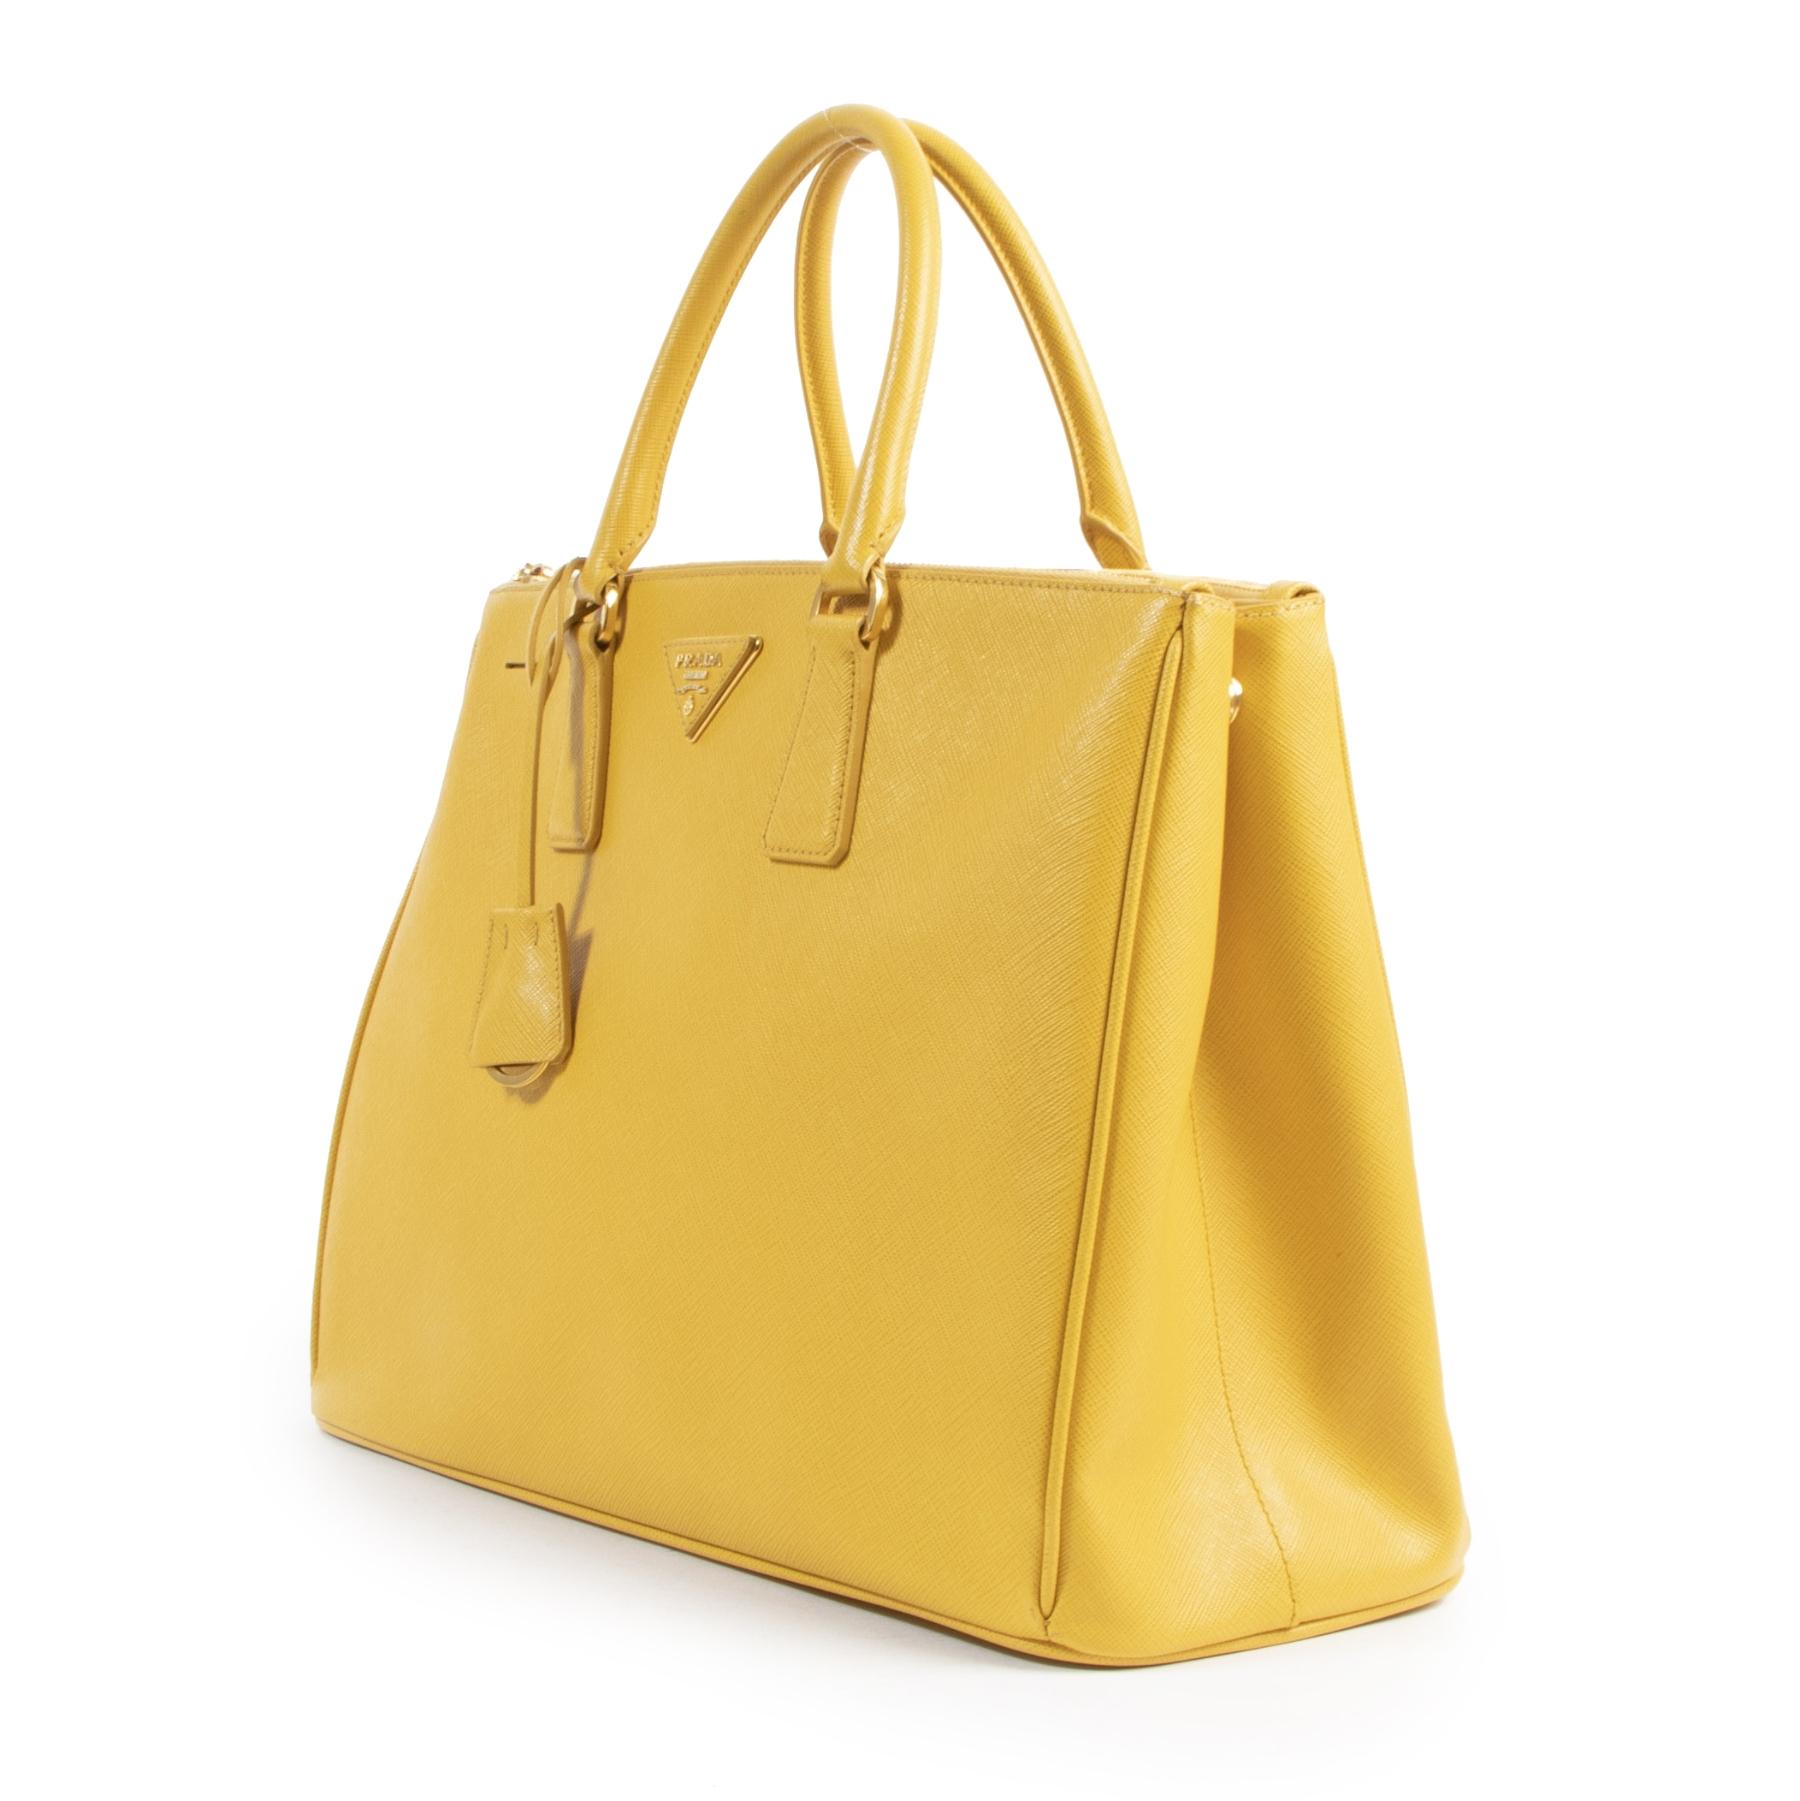 Tweedehands designer handtassen en accessoires te koop bij Labellov zoals deze Prada Yellow Double Zip Top Handle Tote